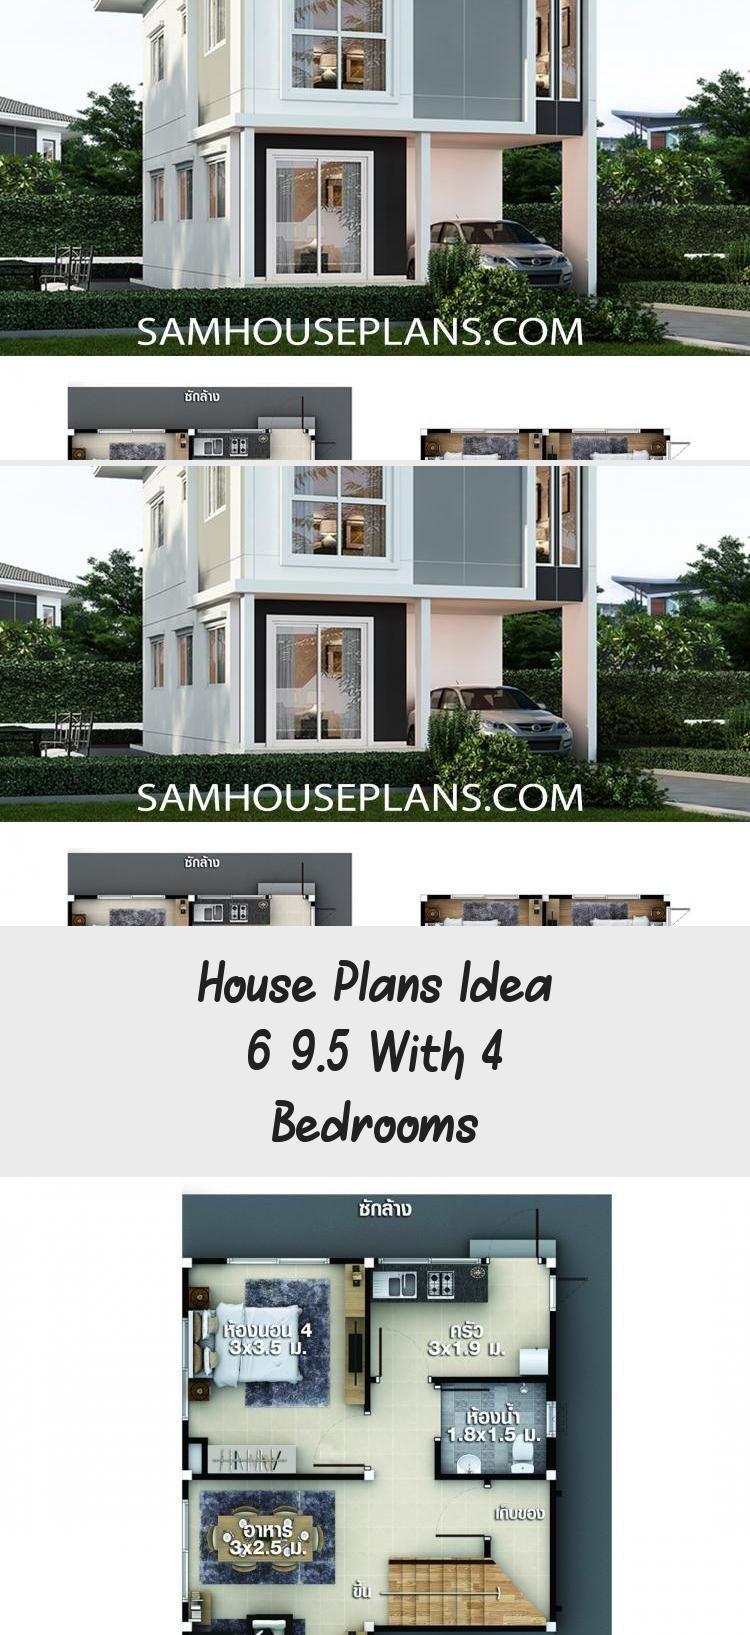 House Plans Idea 6x9 5 With 4 Bedrooms Sam House Plans Cabinhouseplans Houseplansluxury Contemporar In 2020 House Plans House Plans South Africa Cabin House Plans